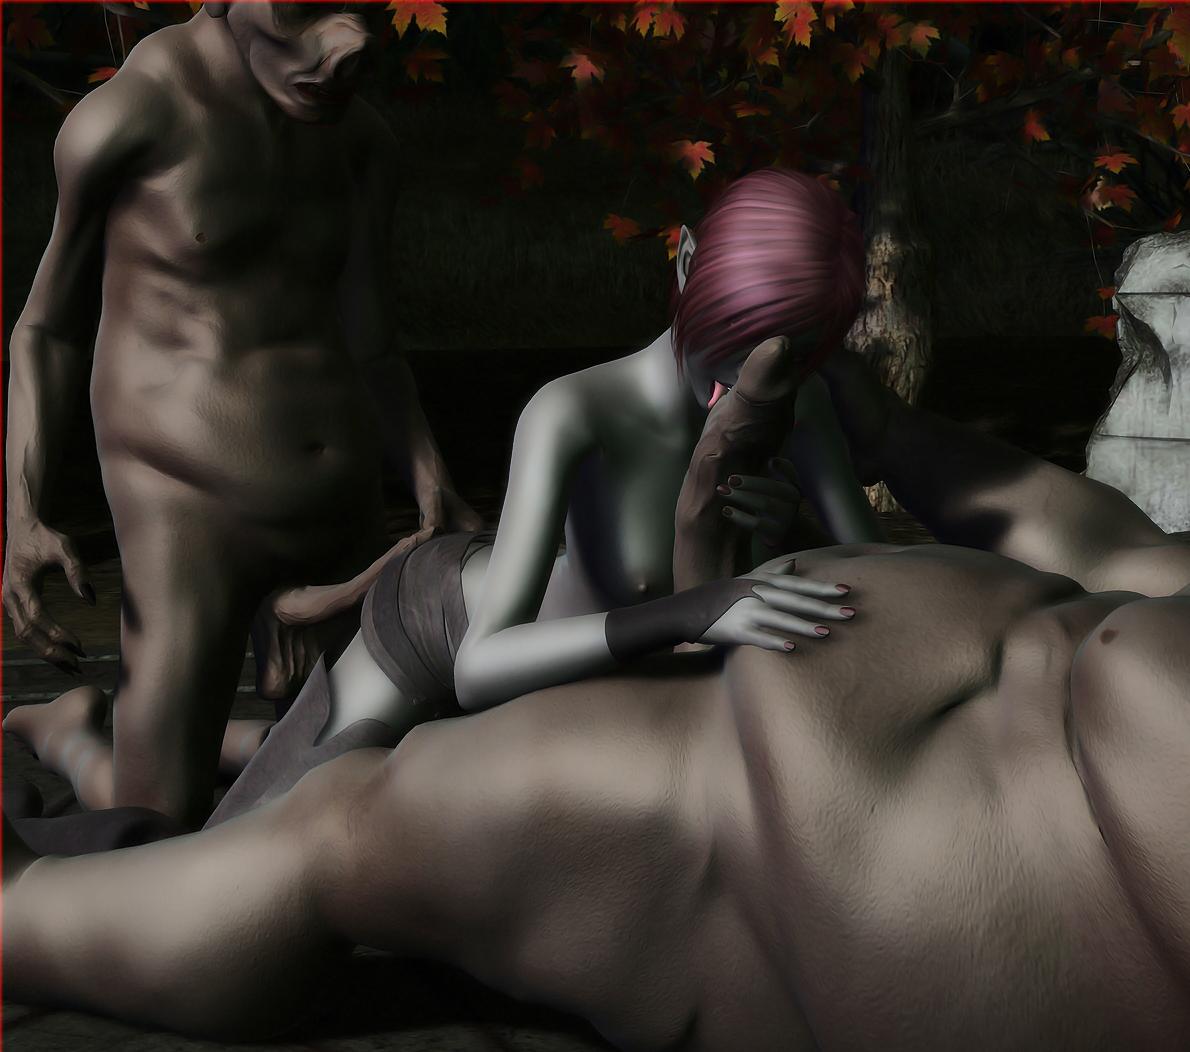 Everquest dark elf porn nudes clip